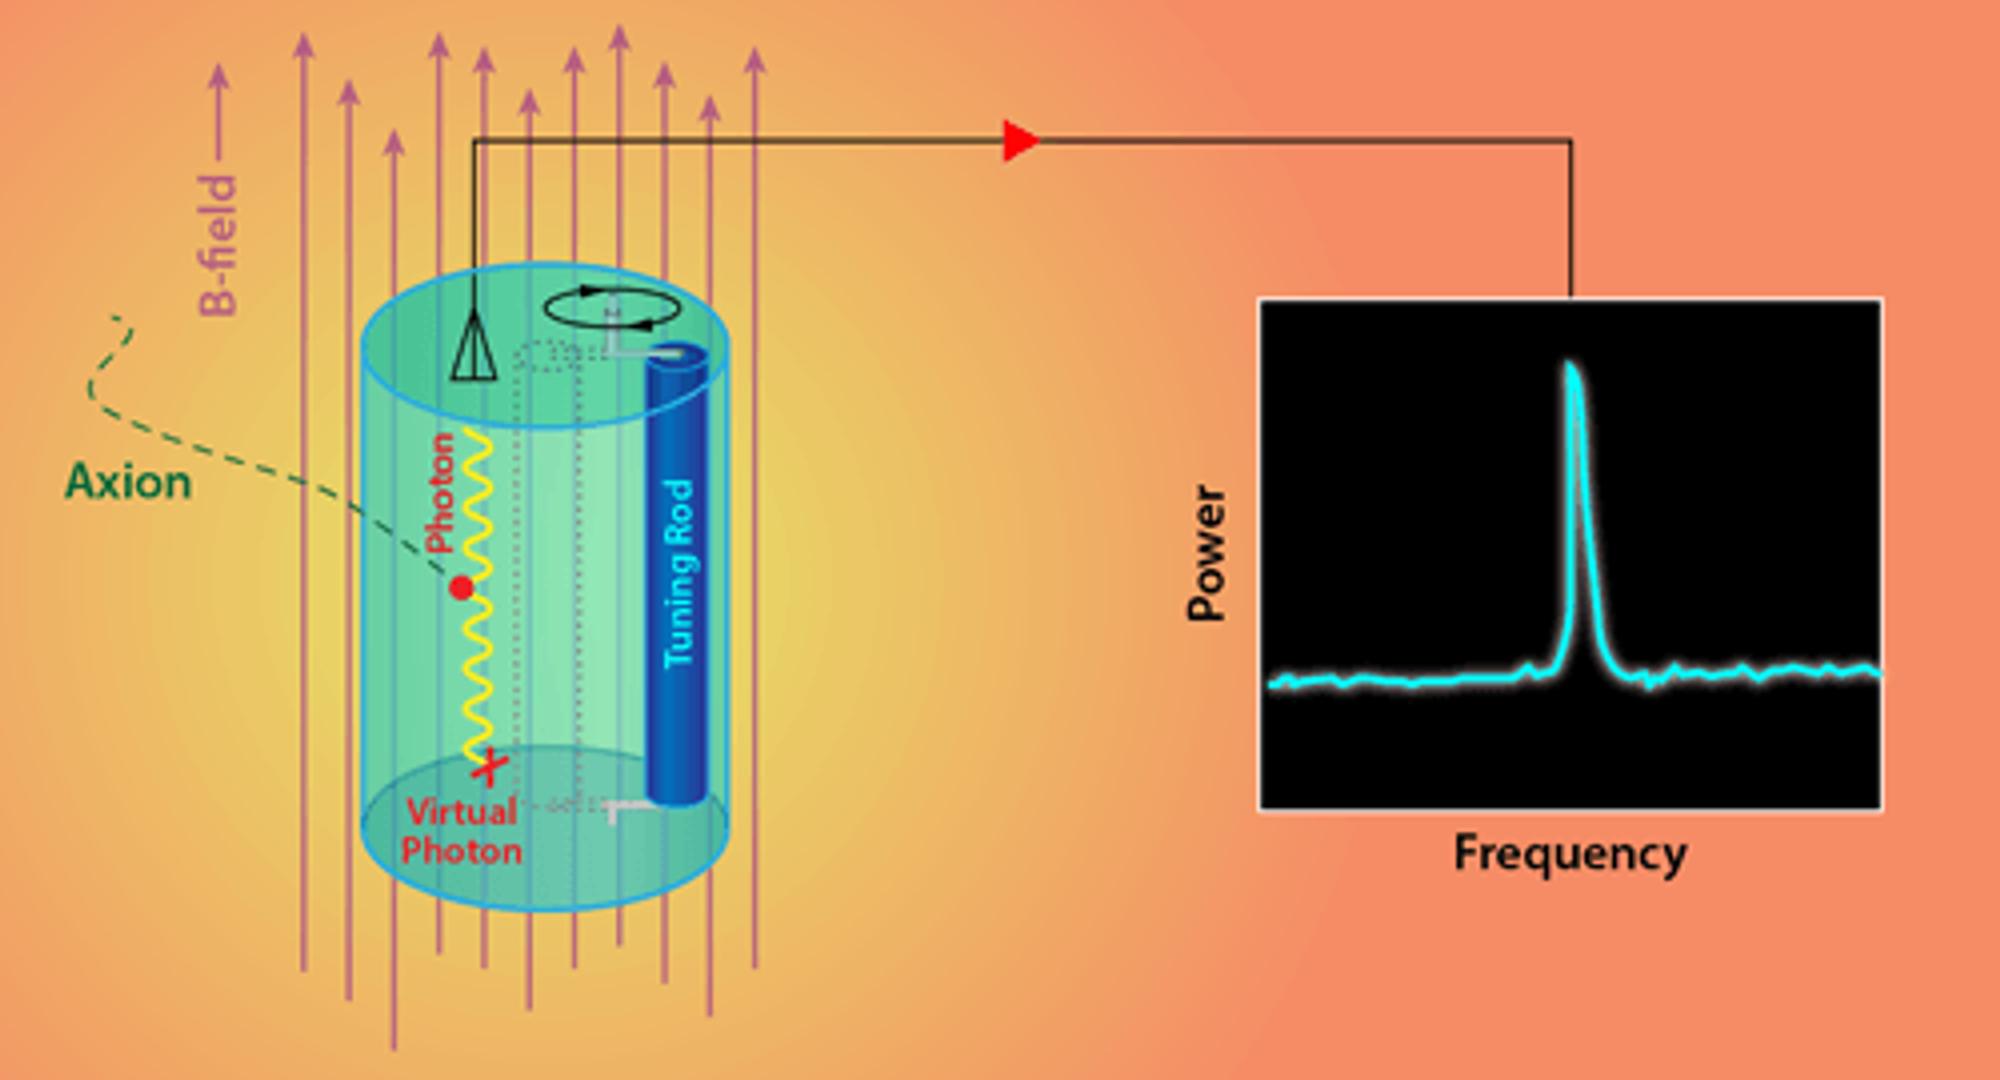 Resonansfrekvensen for en hulromsresonator endres ved å bevege søkestangen. Hvis resonansfrekvensen tilsvarer frekvensen der fotoner er koblet til aksioner, genereres det en effekt.